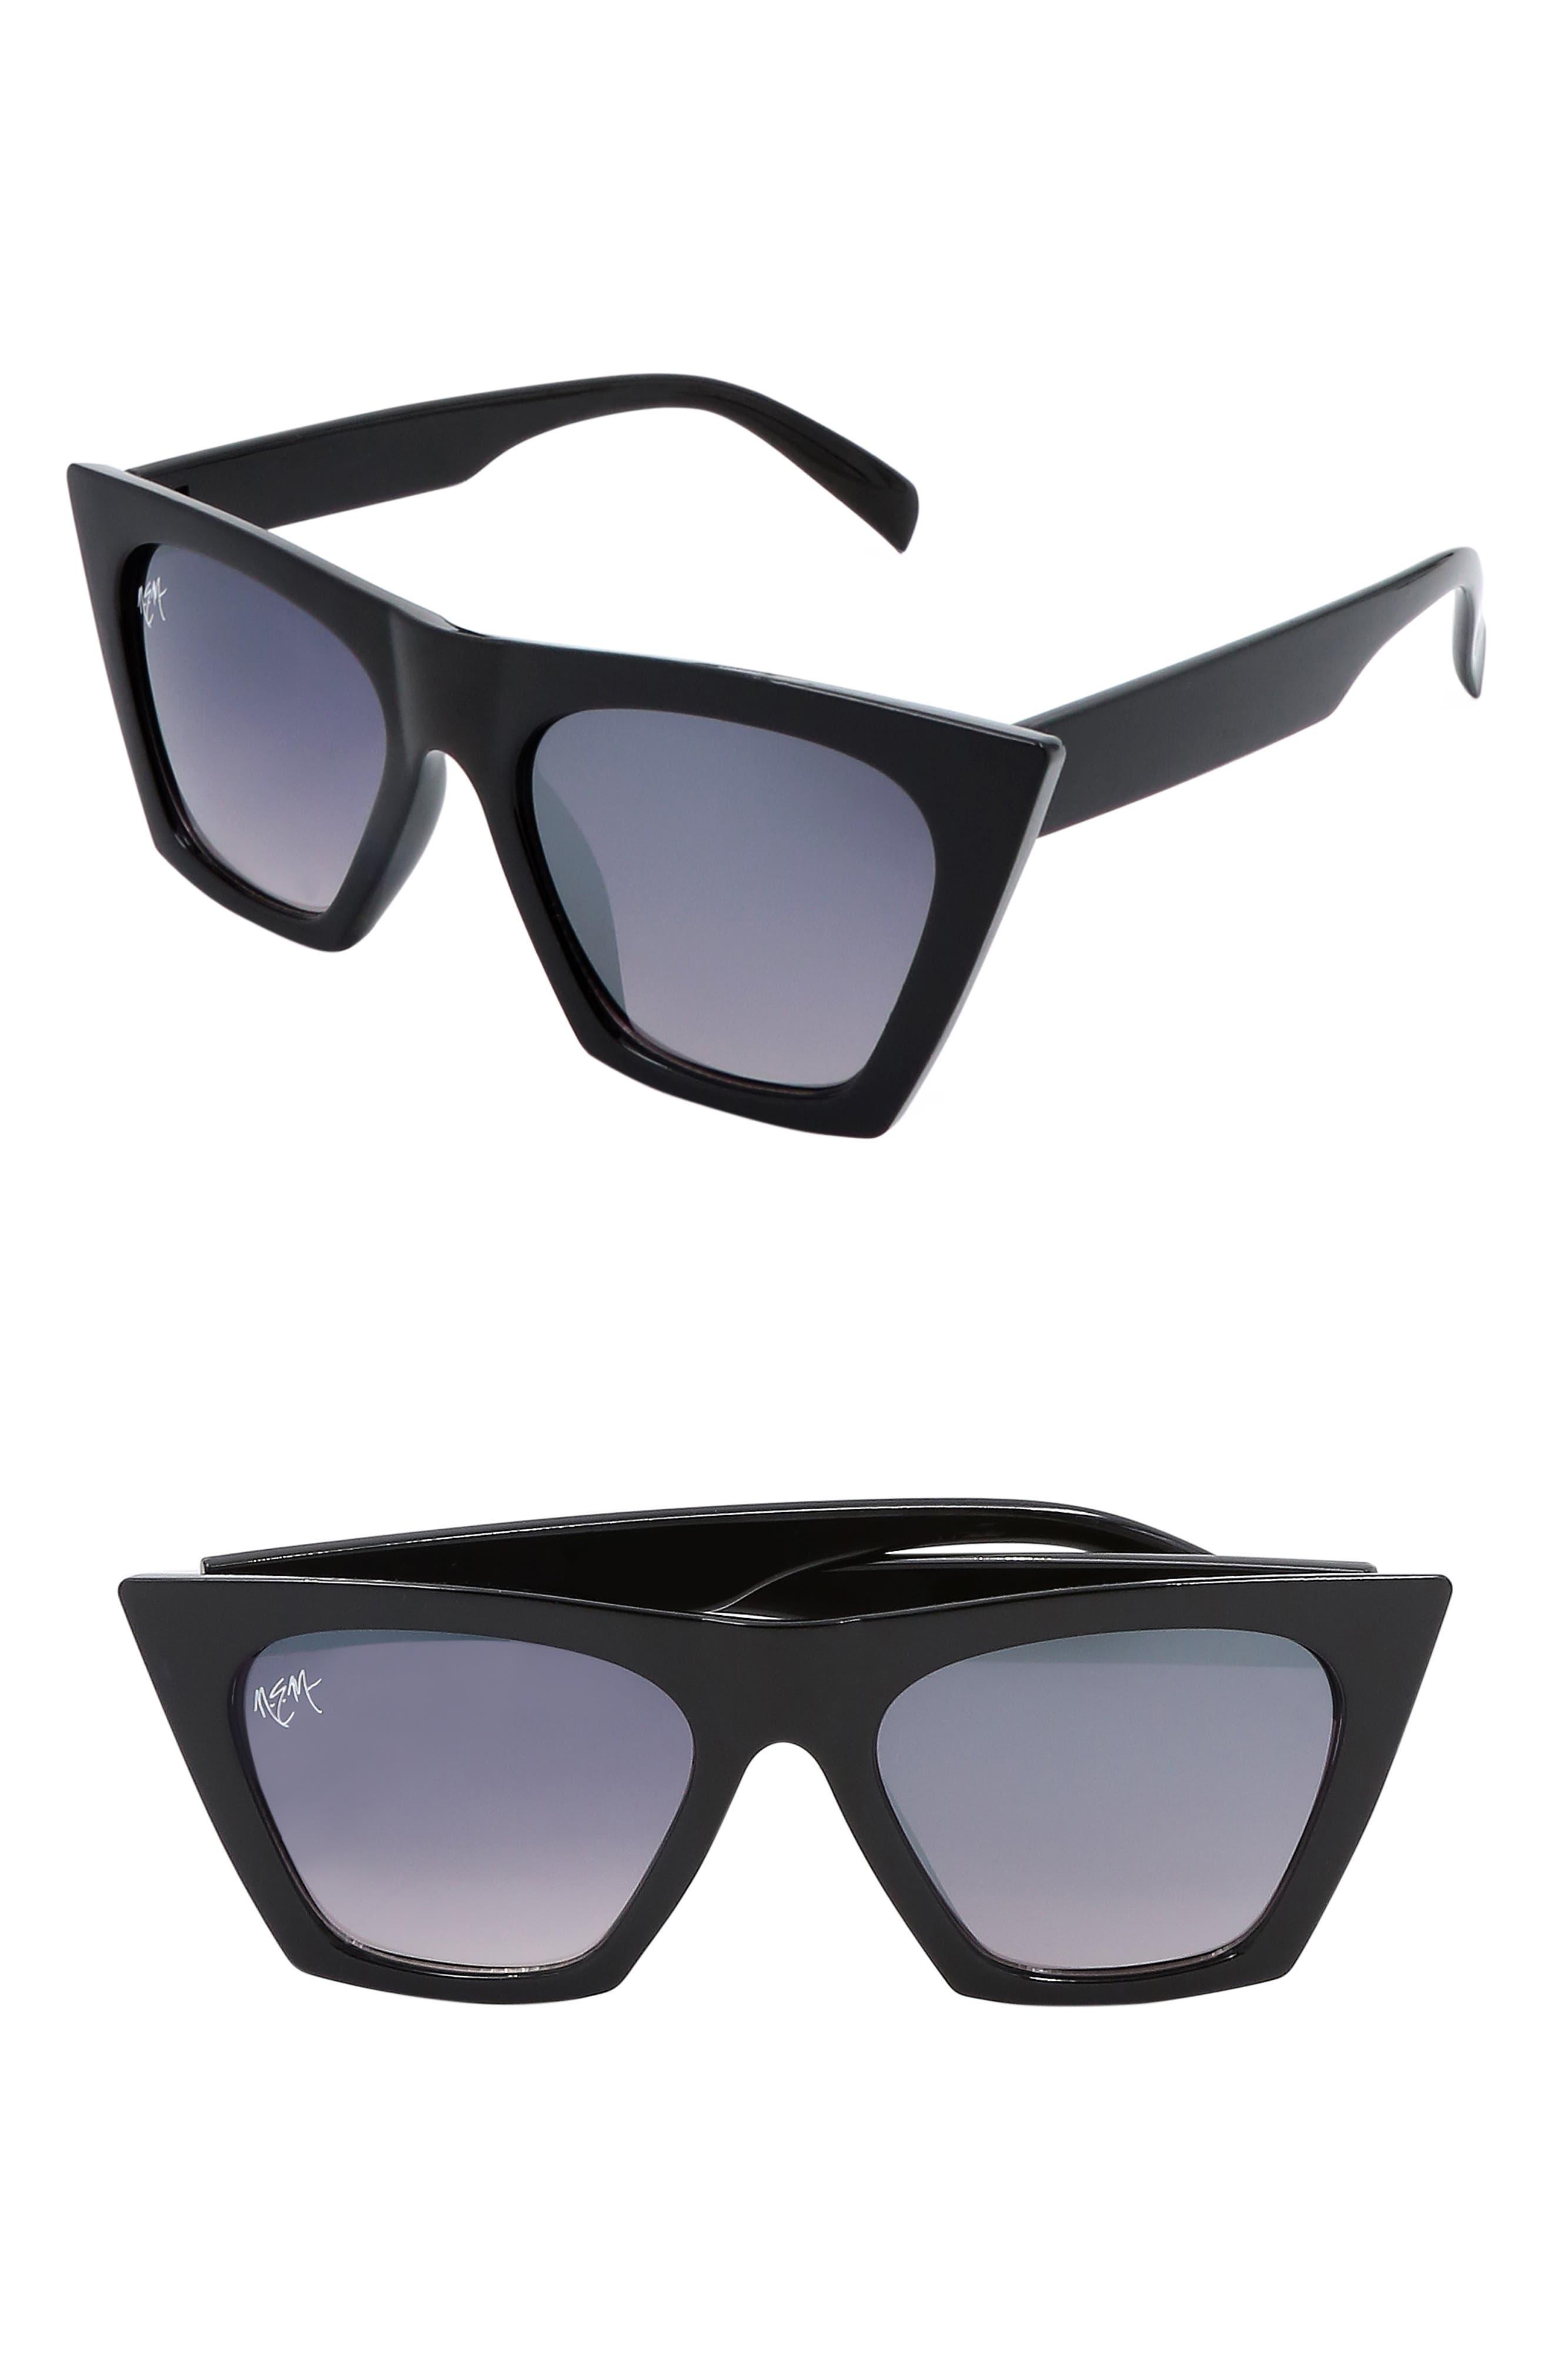 ead421b48f 1950s Sunglasses   50s Glasses